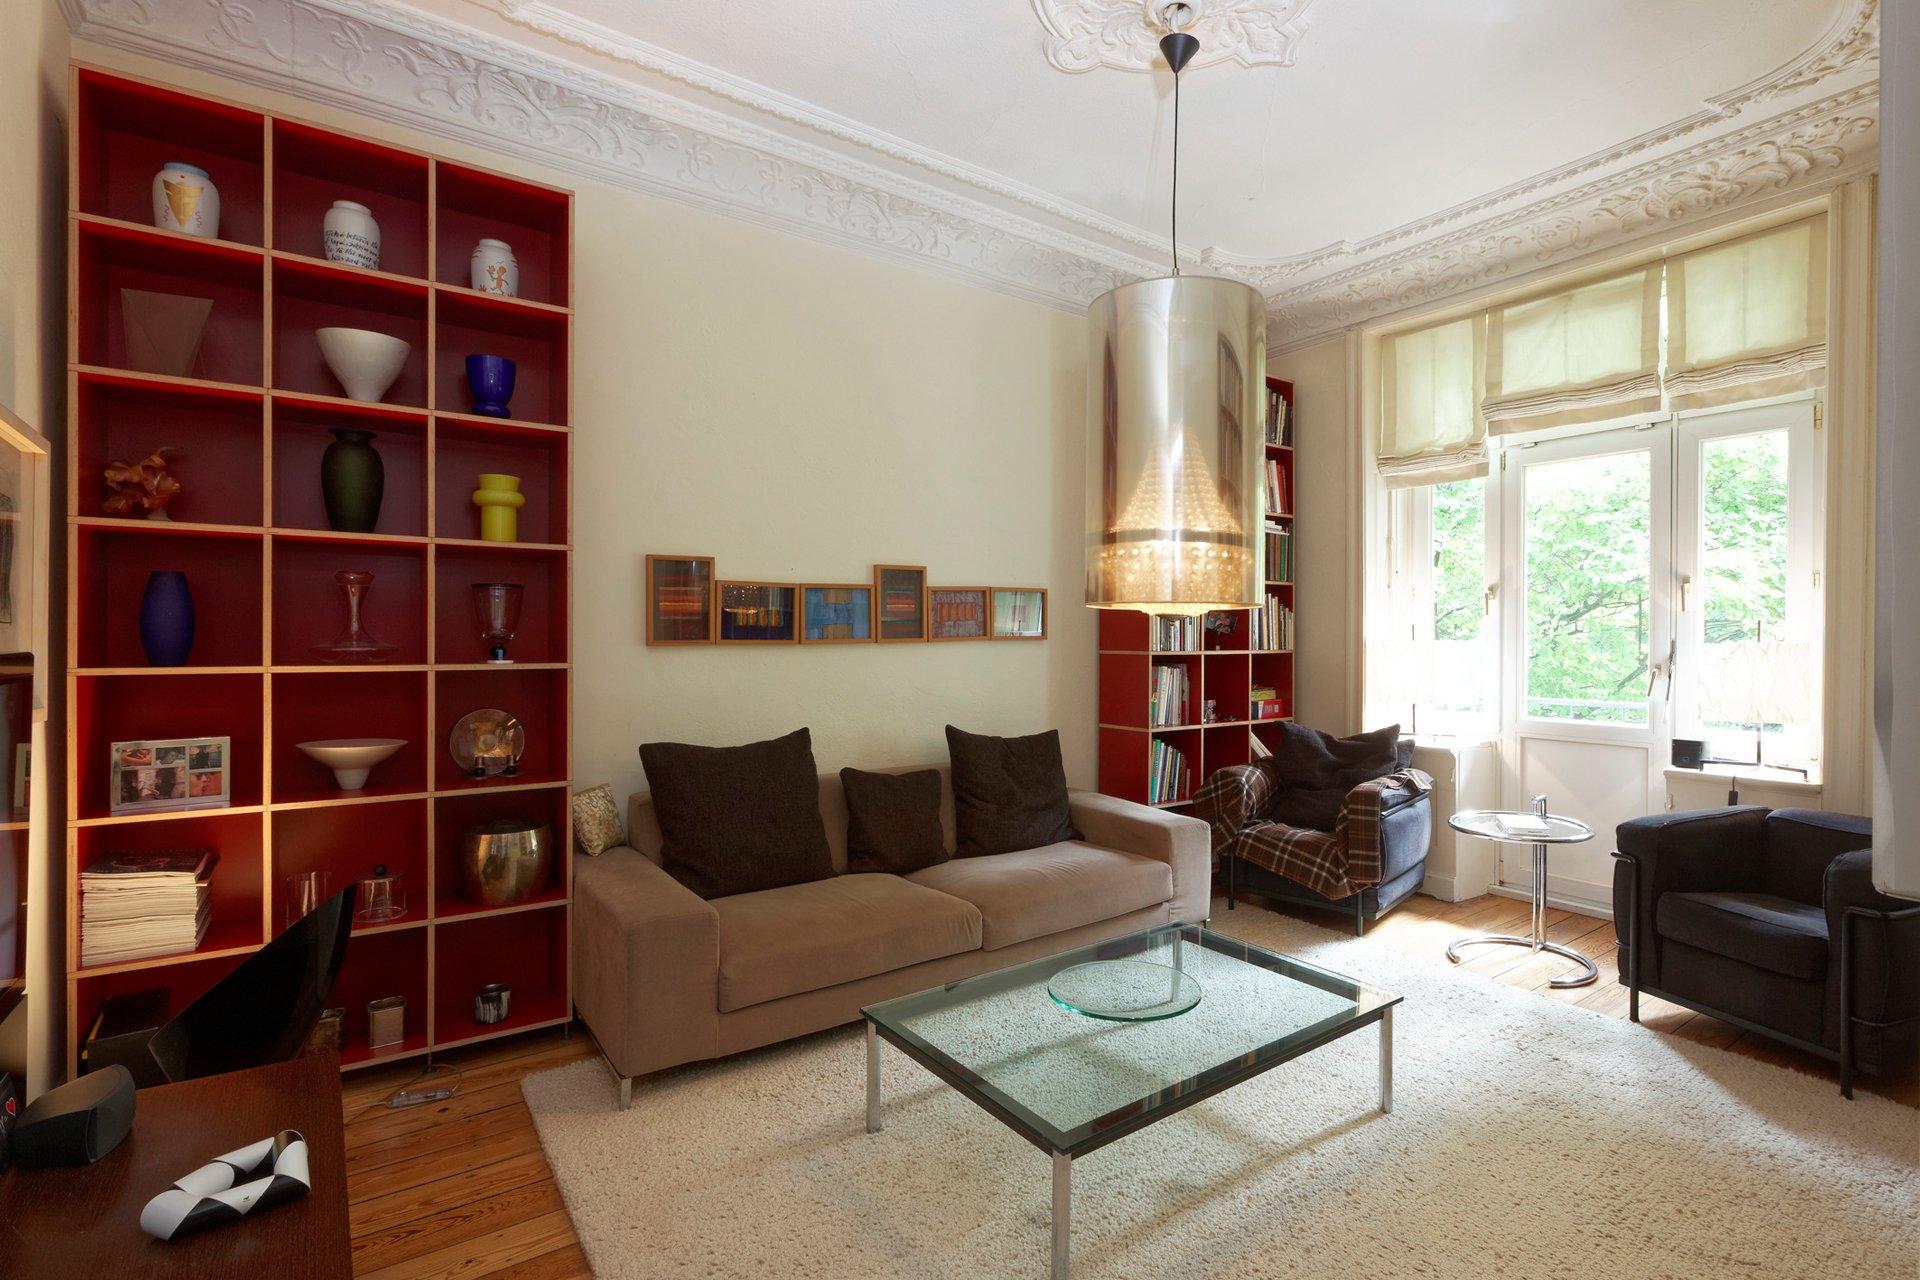 Foto:Das Wohnzimmer, mit prachtvollem Stuck und einer stilvollen Einrichtung